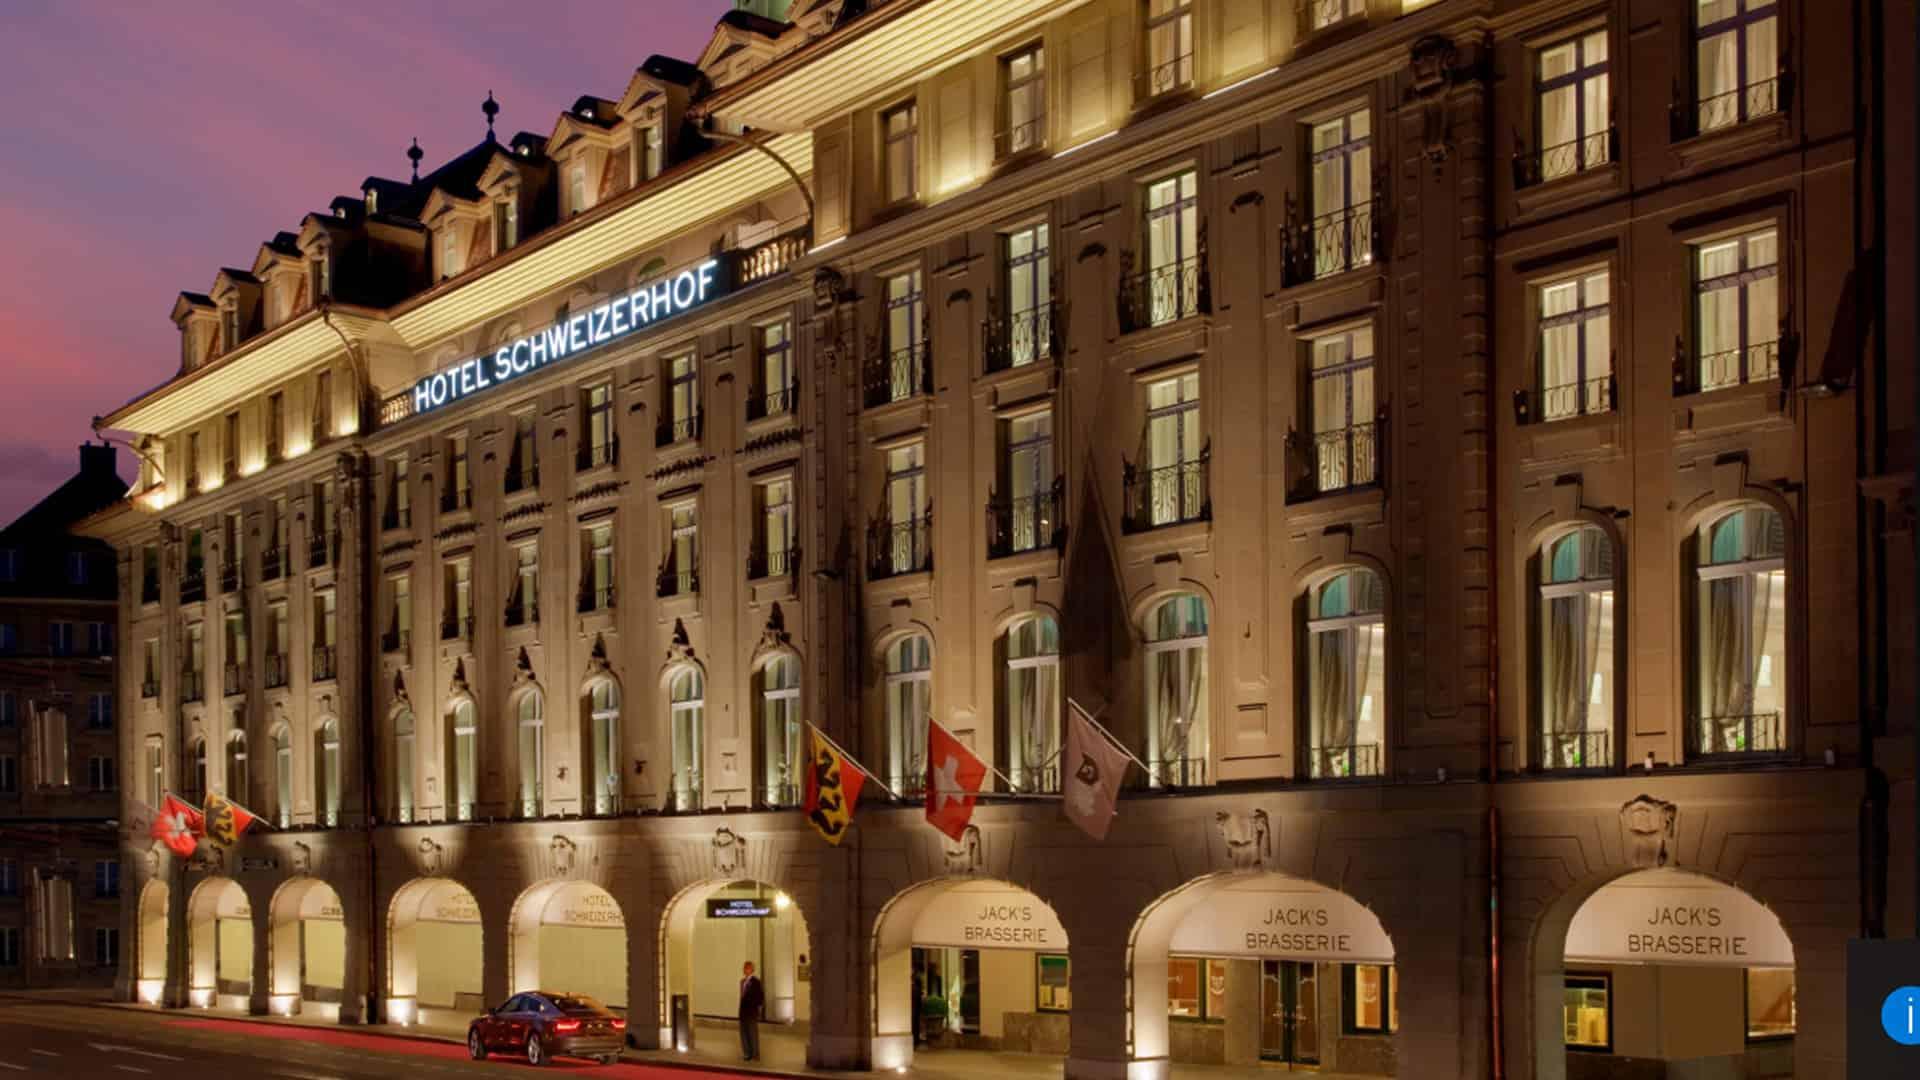 Hotel Schweizerhof Bern and The Spa